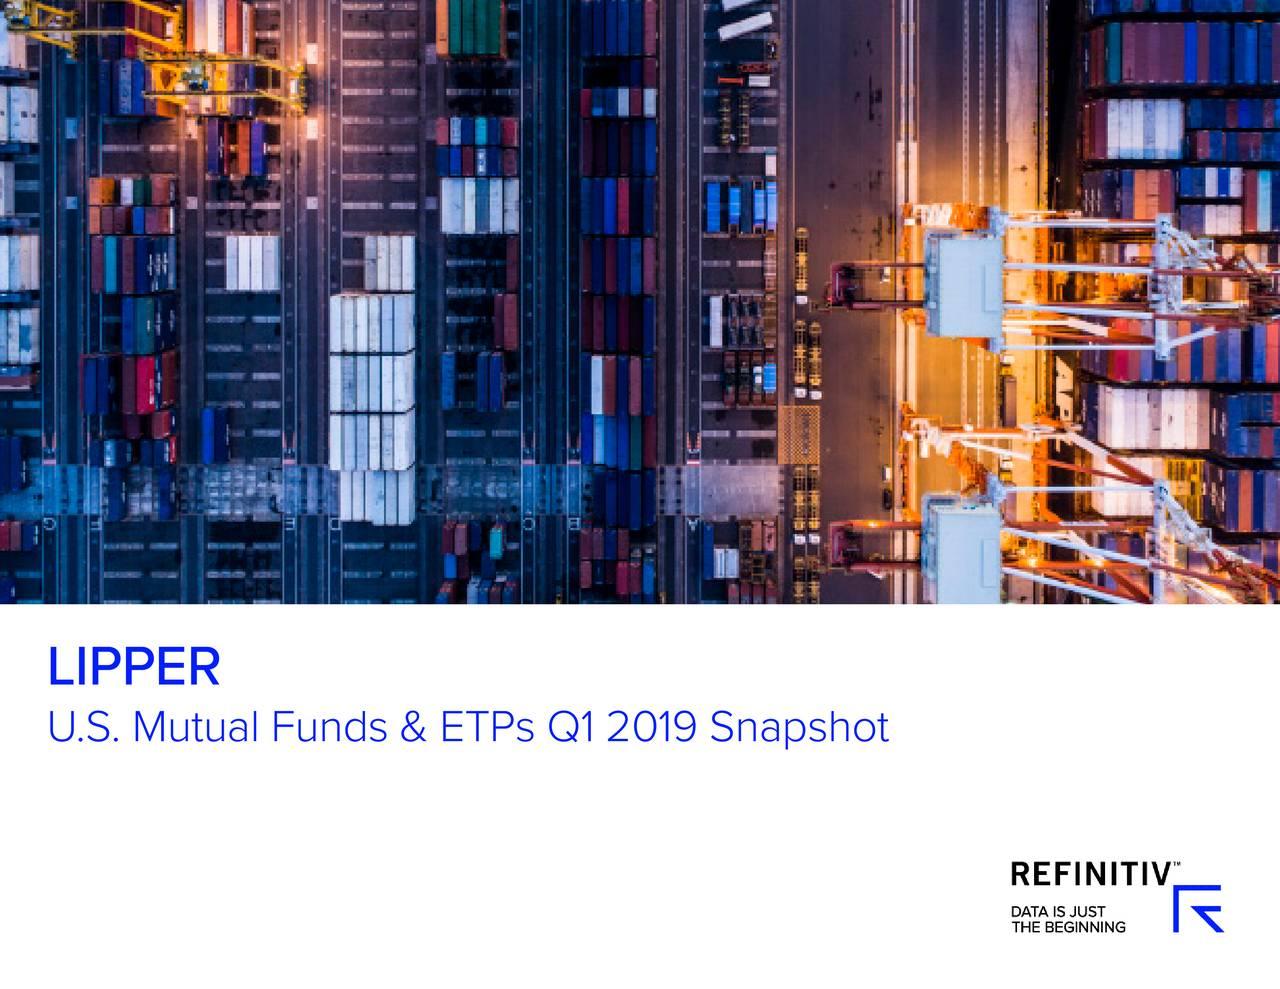 U.S. Mutual Funds & ETPs Q1 2019 Snapshot